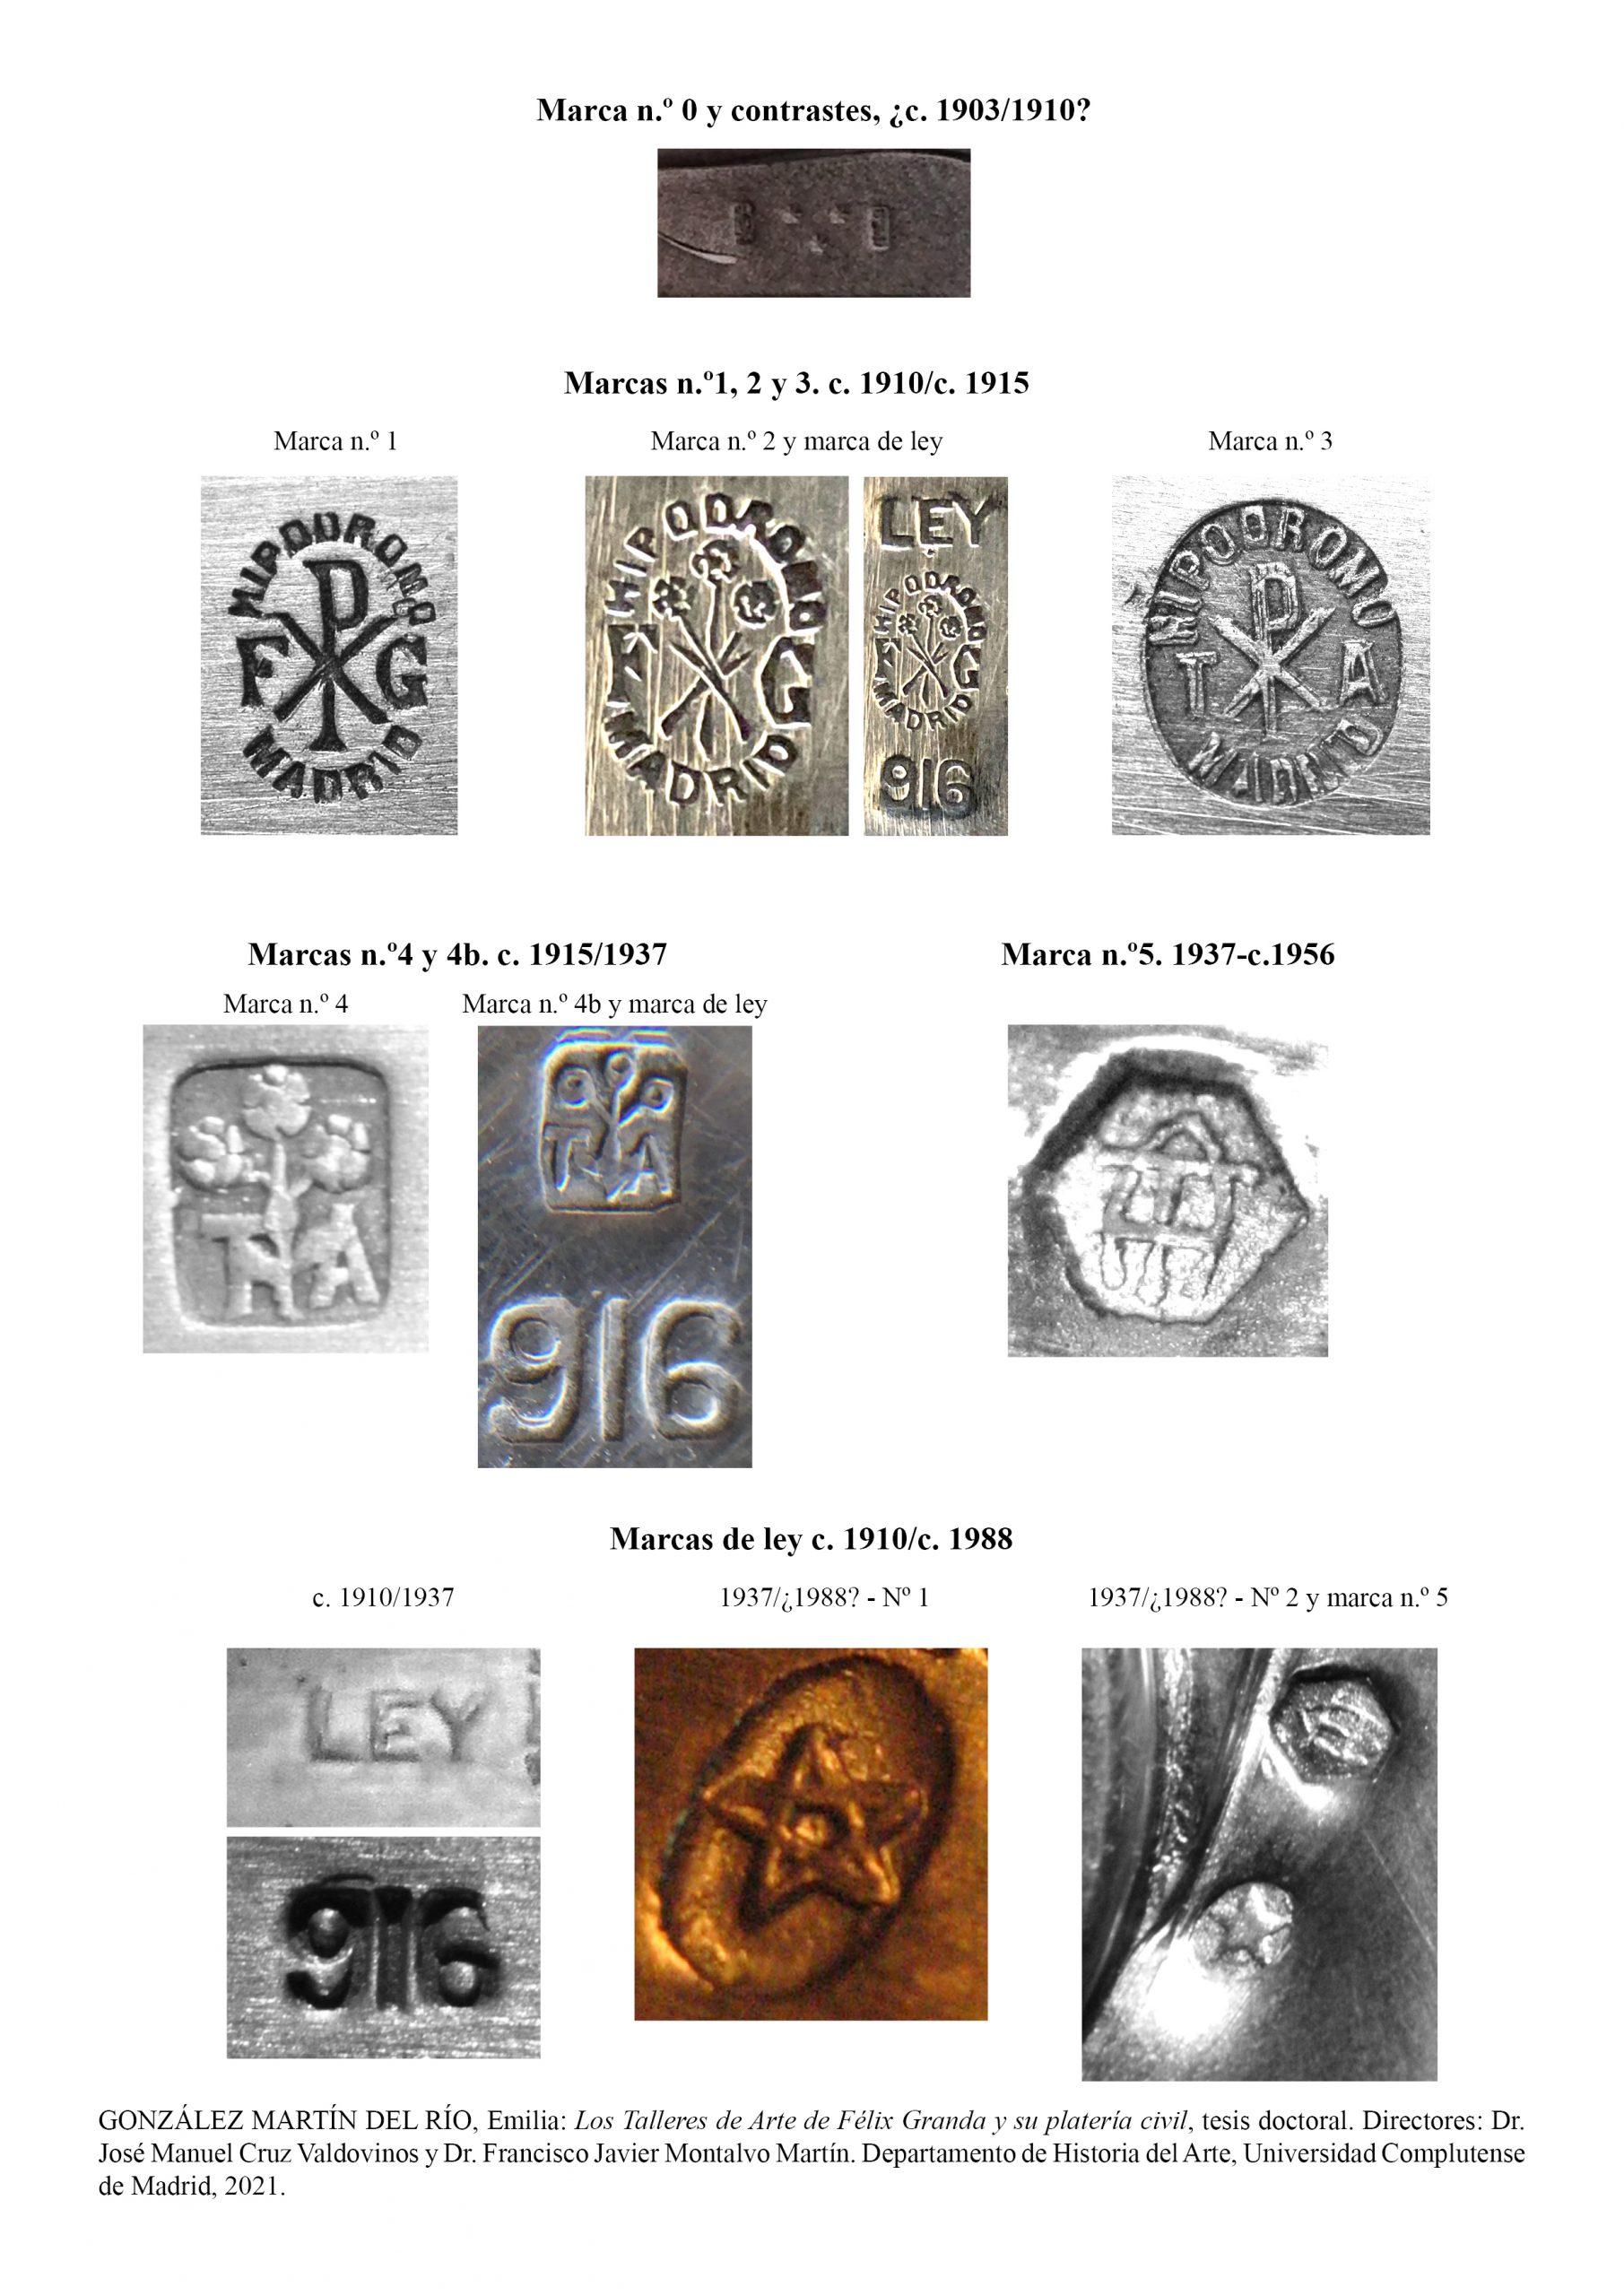 Marcas de plata en los Talleres de Arte de Félix Granda entre ca. 1904 y 1956